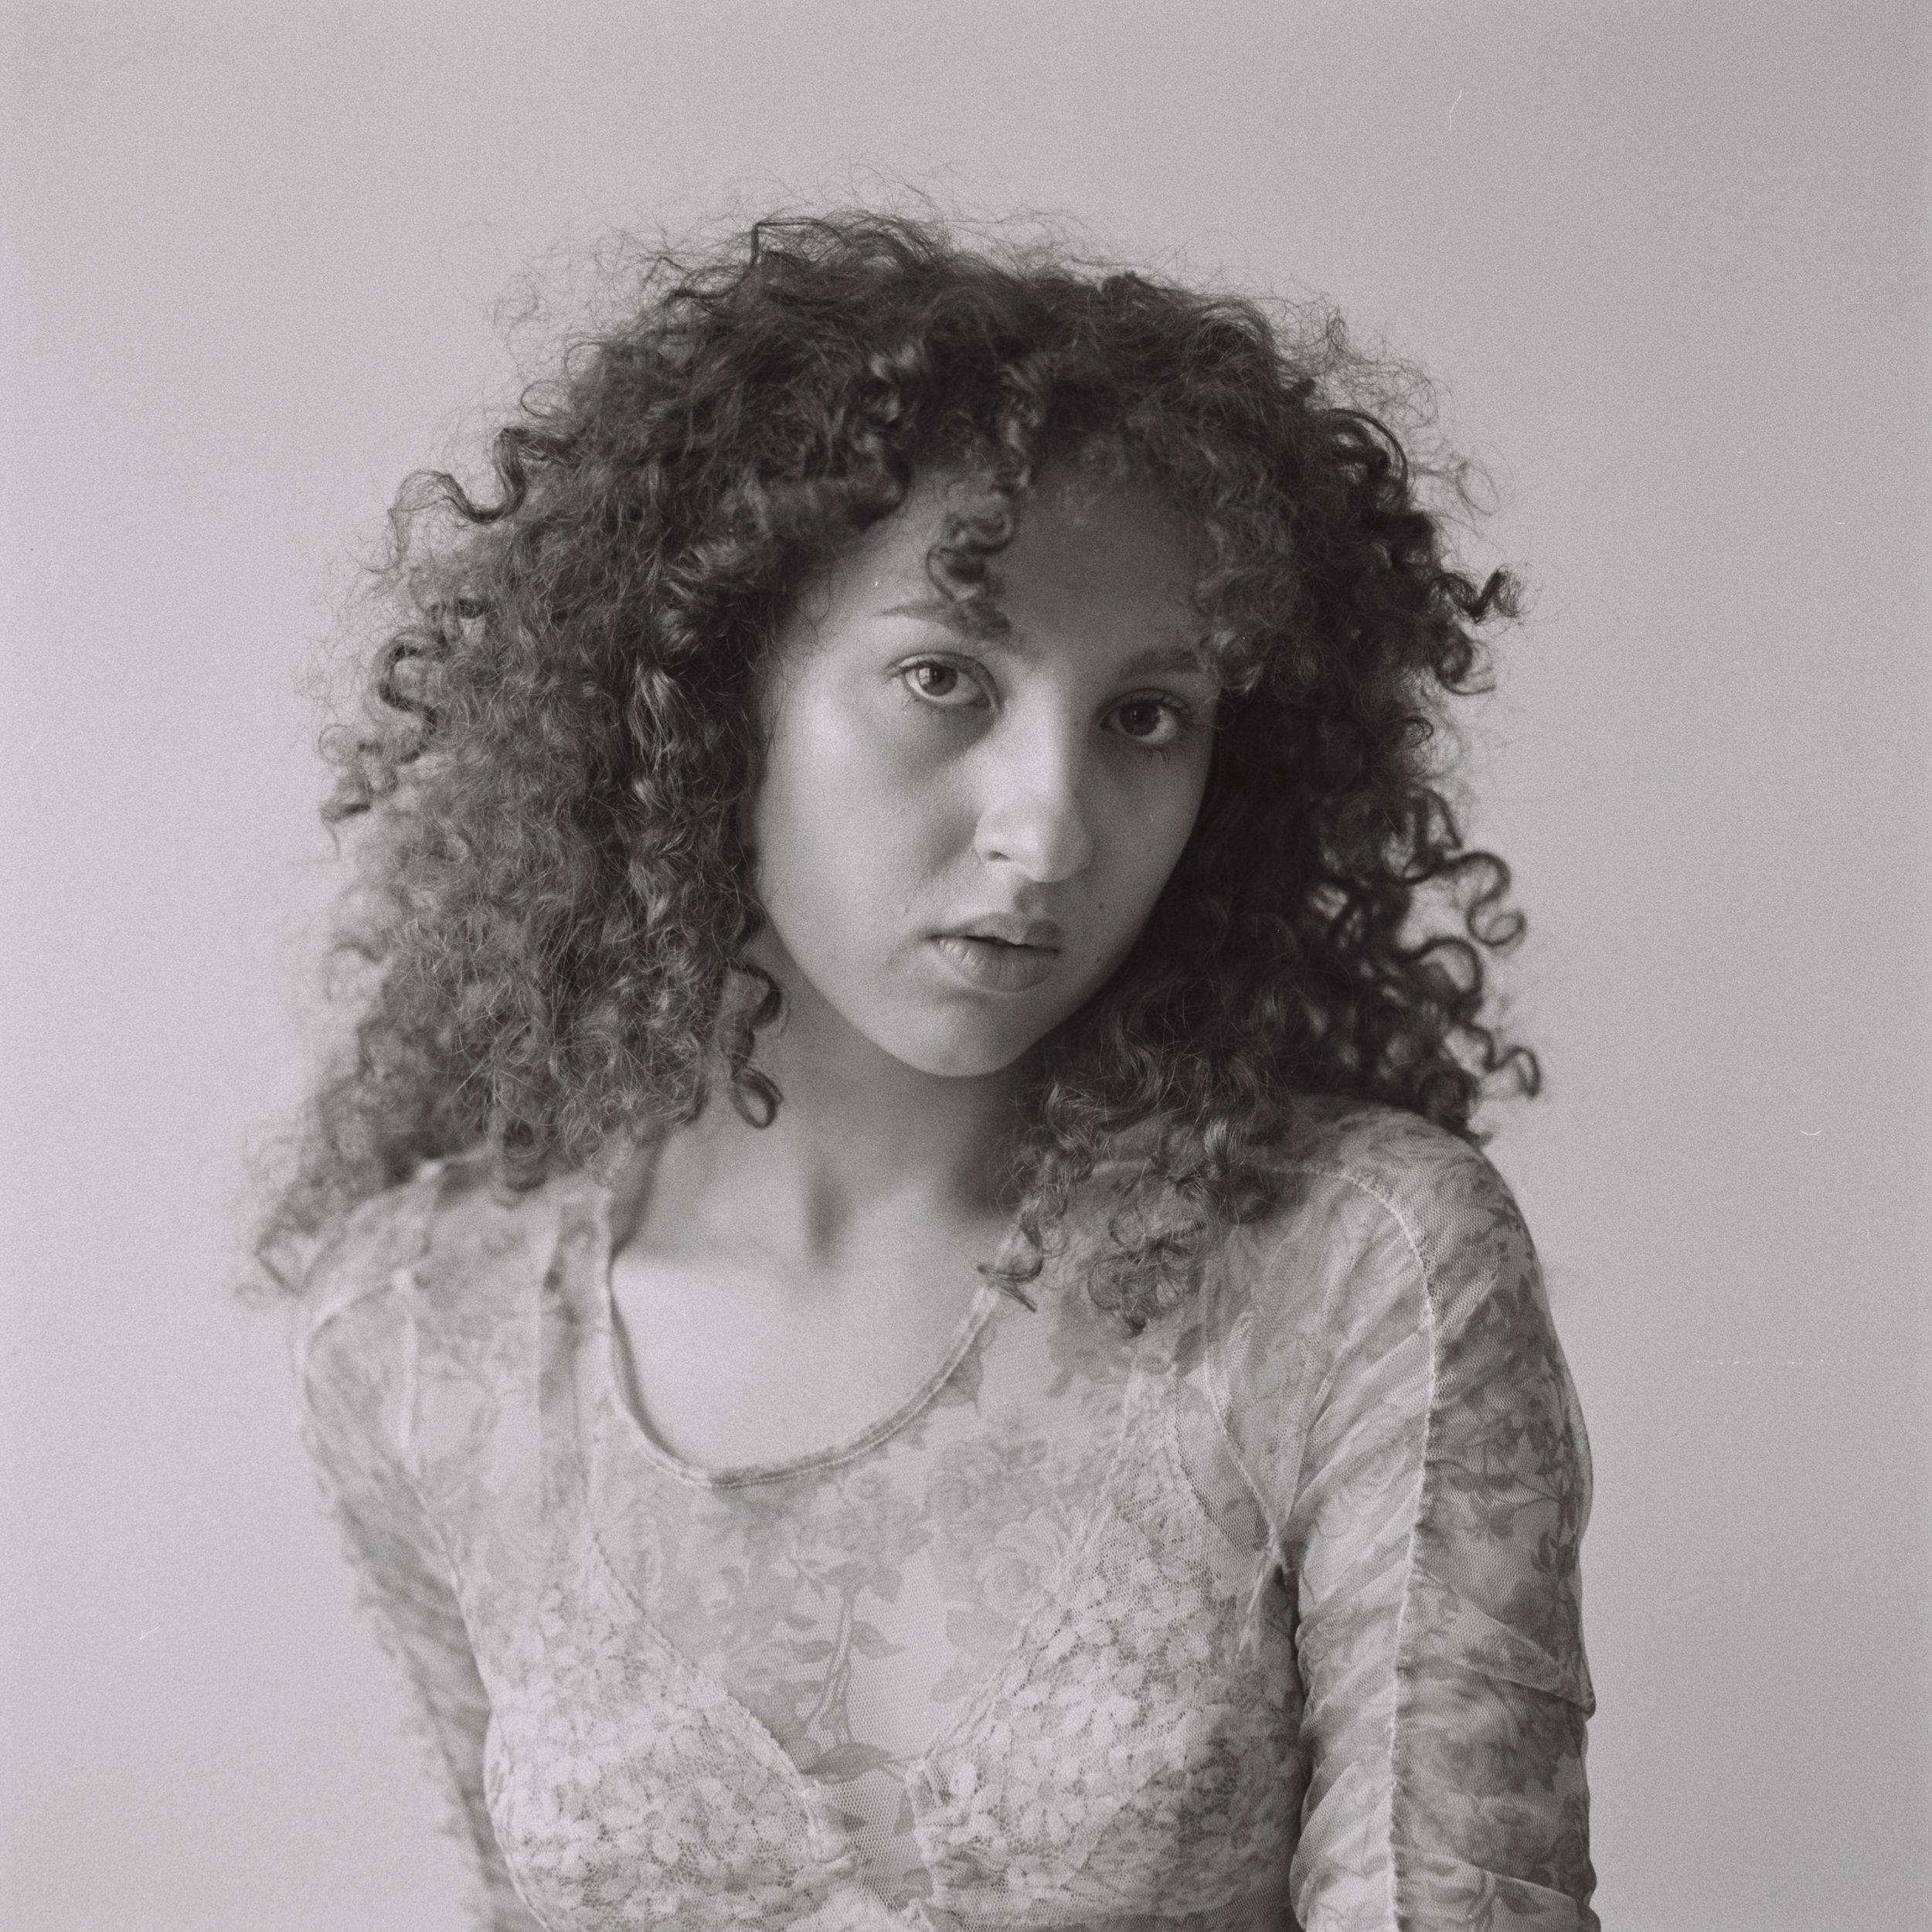 Portret nr. 2 - Laila Mubarak, Portret nr. 2, uit de serie Zoals zij is, 2018gelatine zilverafdruk op PE-papier, ed. 5 + 2 AP, 80 x 80 cm€ 2275,- incl. btw, lijst Amerikaans noten & art glass, certificaat van authenticiteit